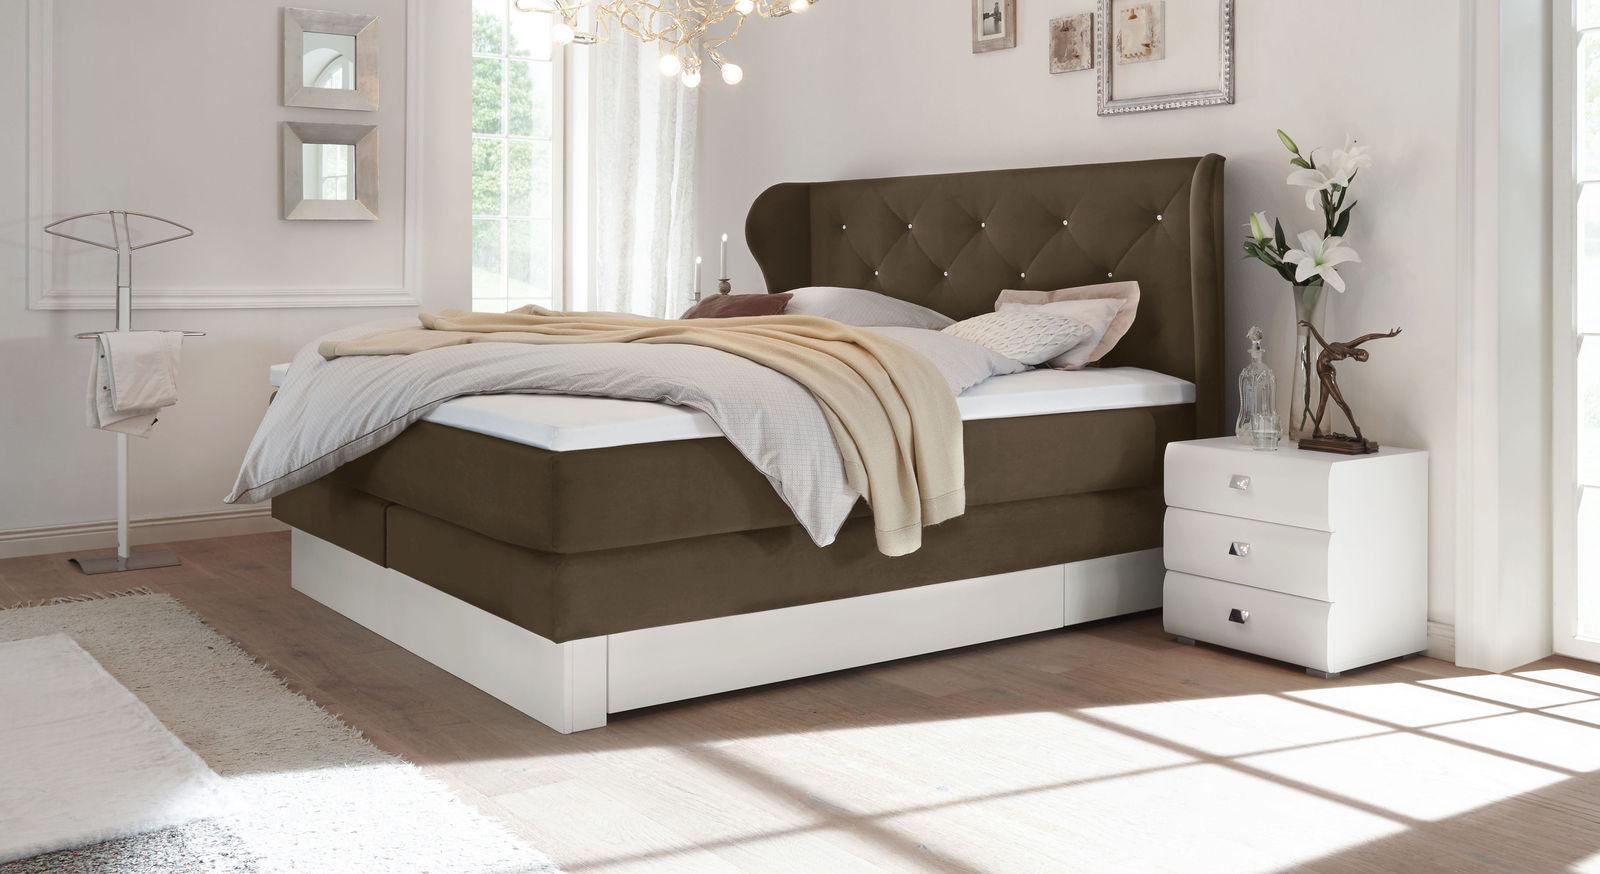 schubkasten boxspringbett samtbezug mit swarovskisteinen belica. Black Bedroom Furniture Sets. Home Design Ideas